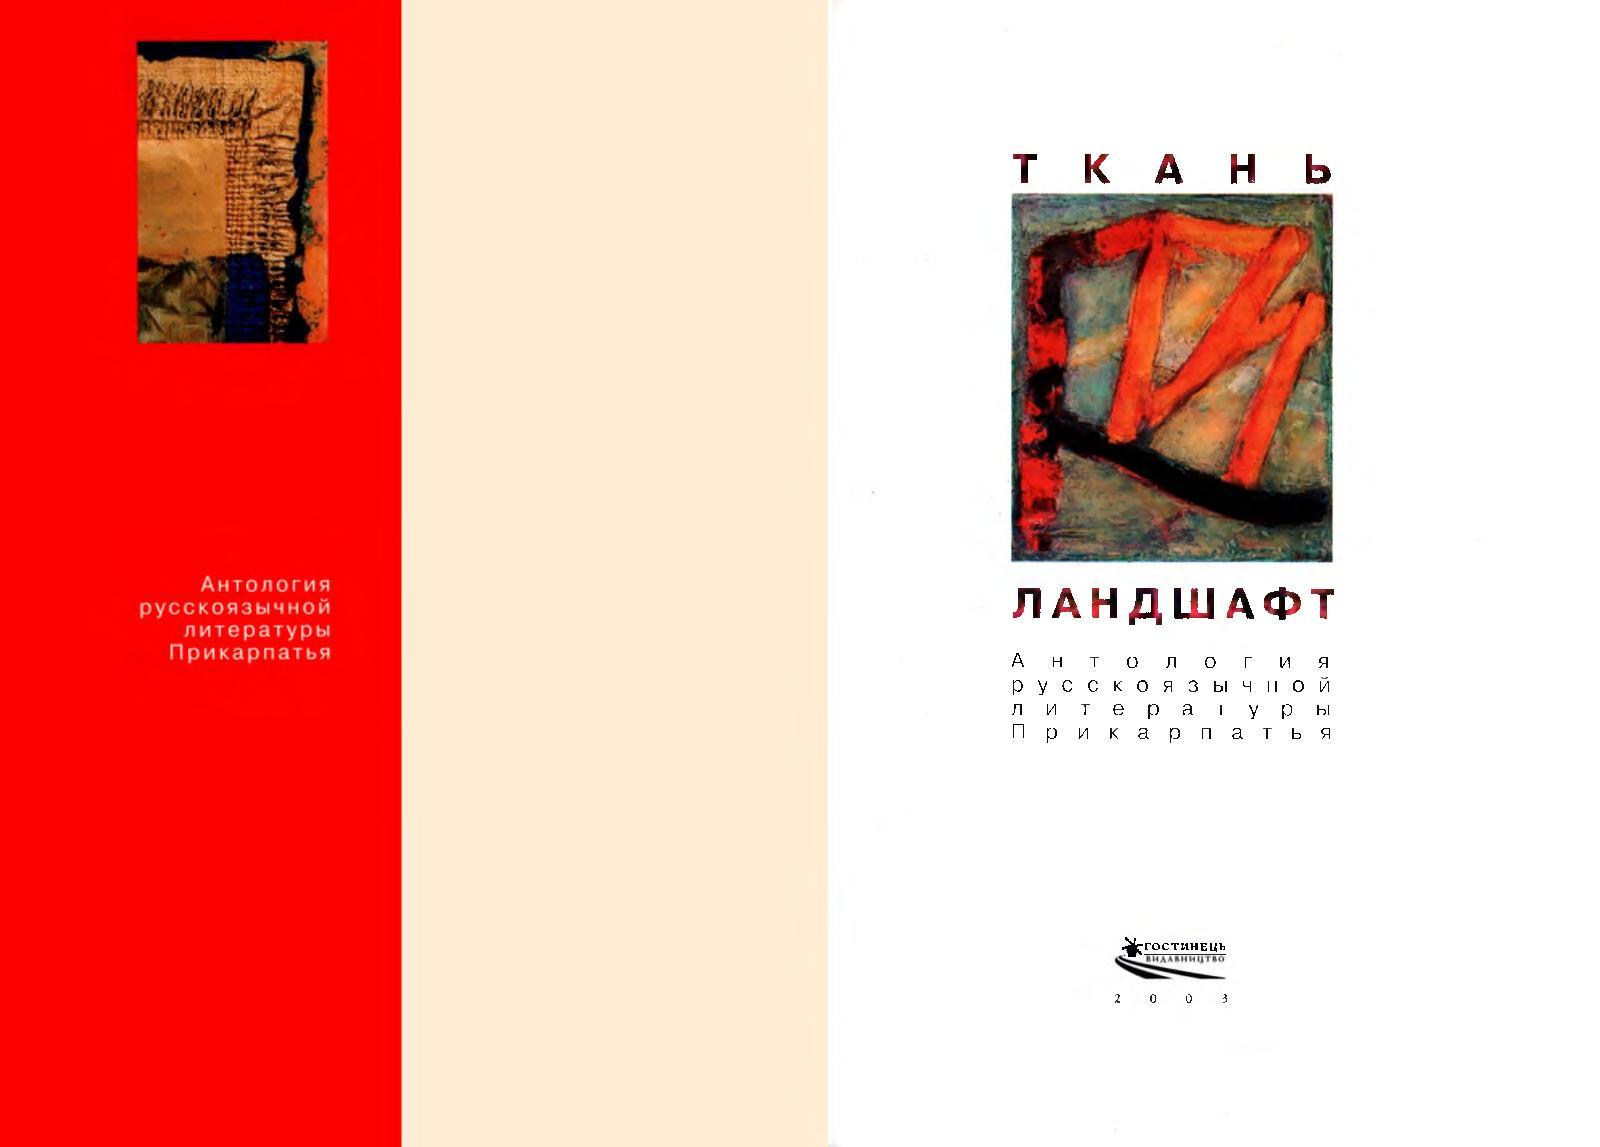 Calaméo - Ткань и ландшафт  антология русскоязычной литературы Прикарпатья 2cbd22e5c6d